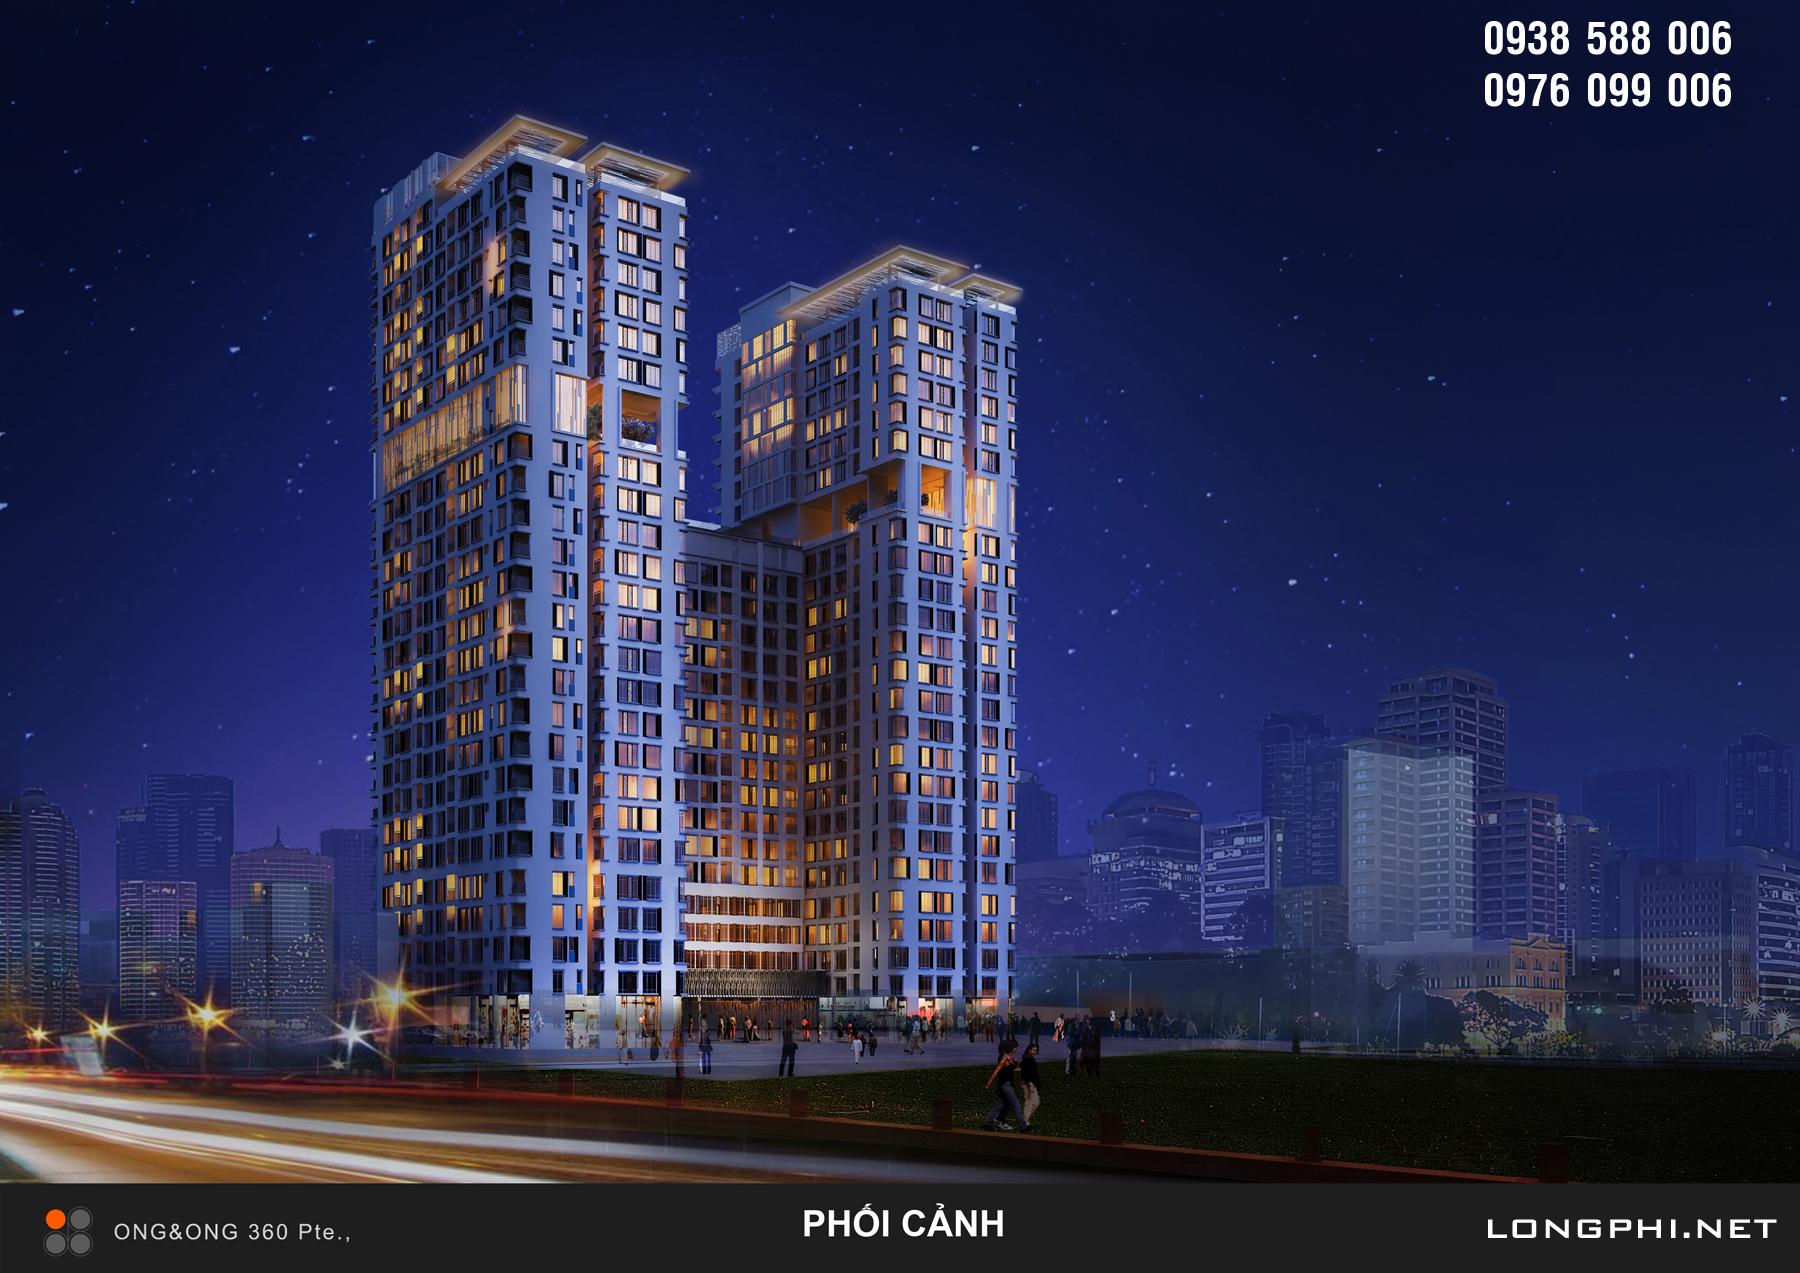 Phối cảnh dự án căn hộ The Golden Star của Hưng Lộc Phát.